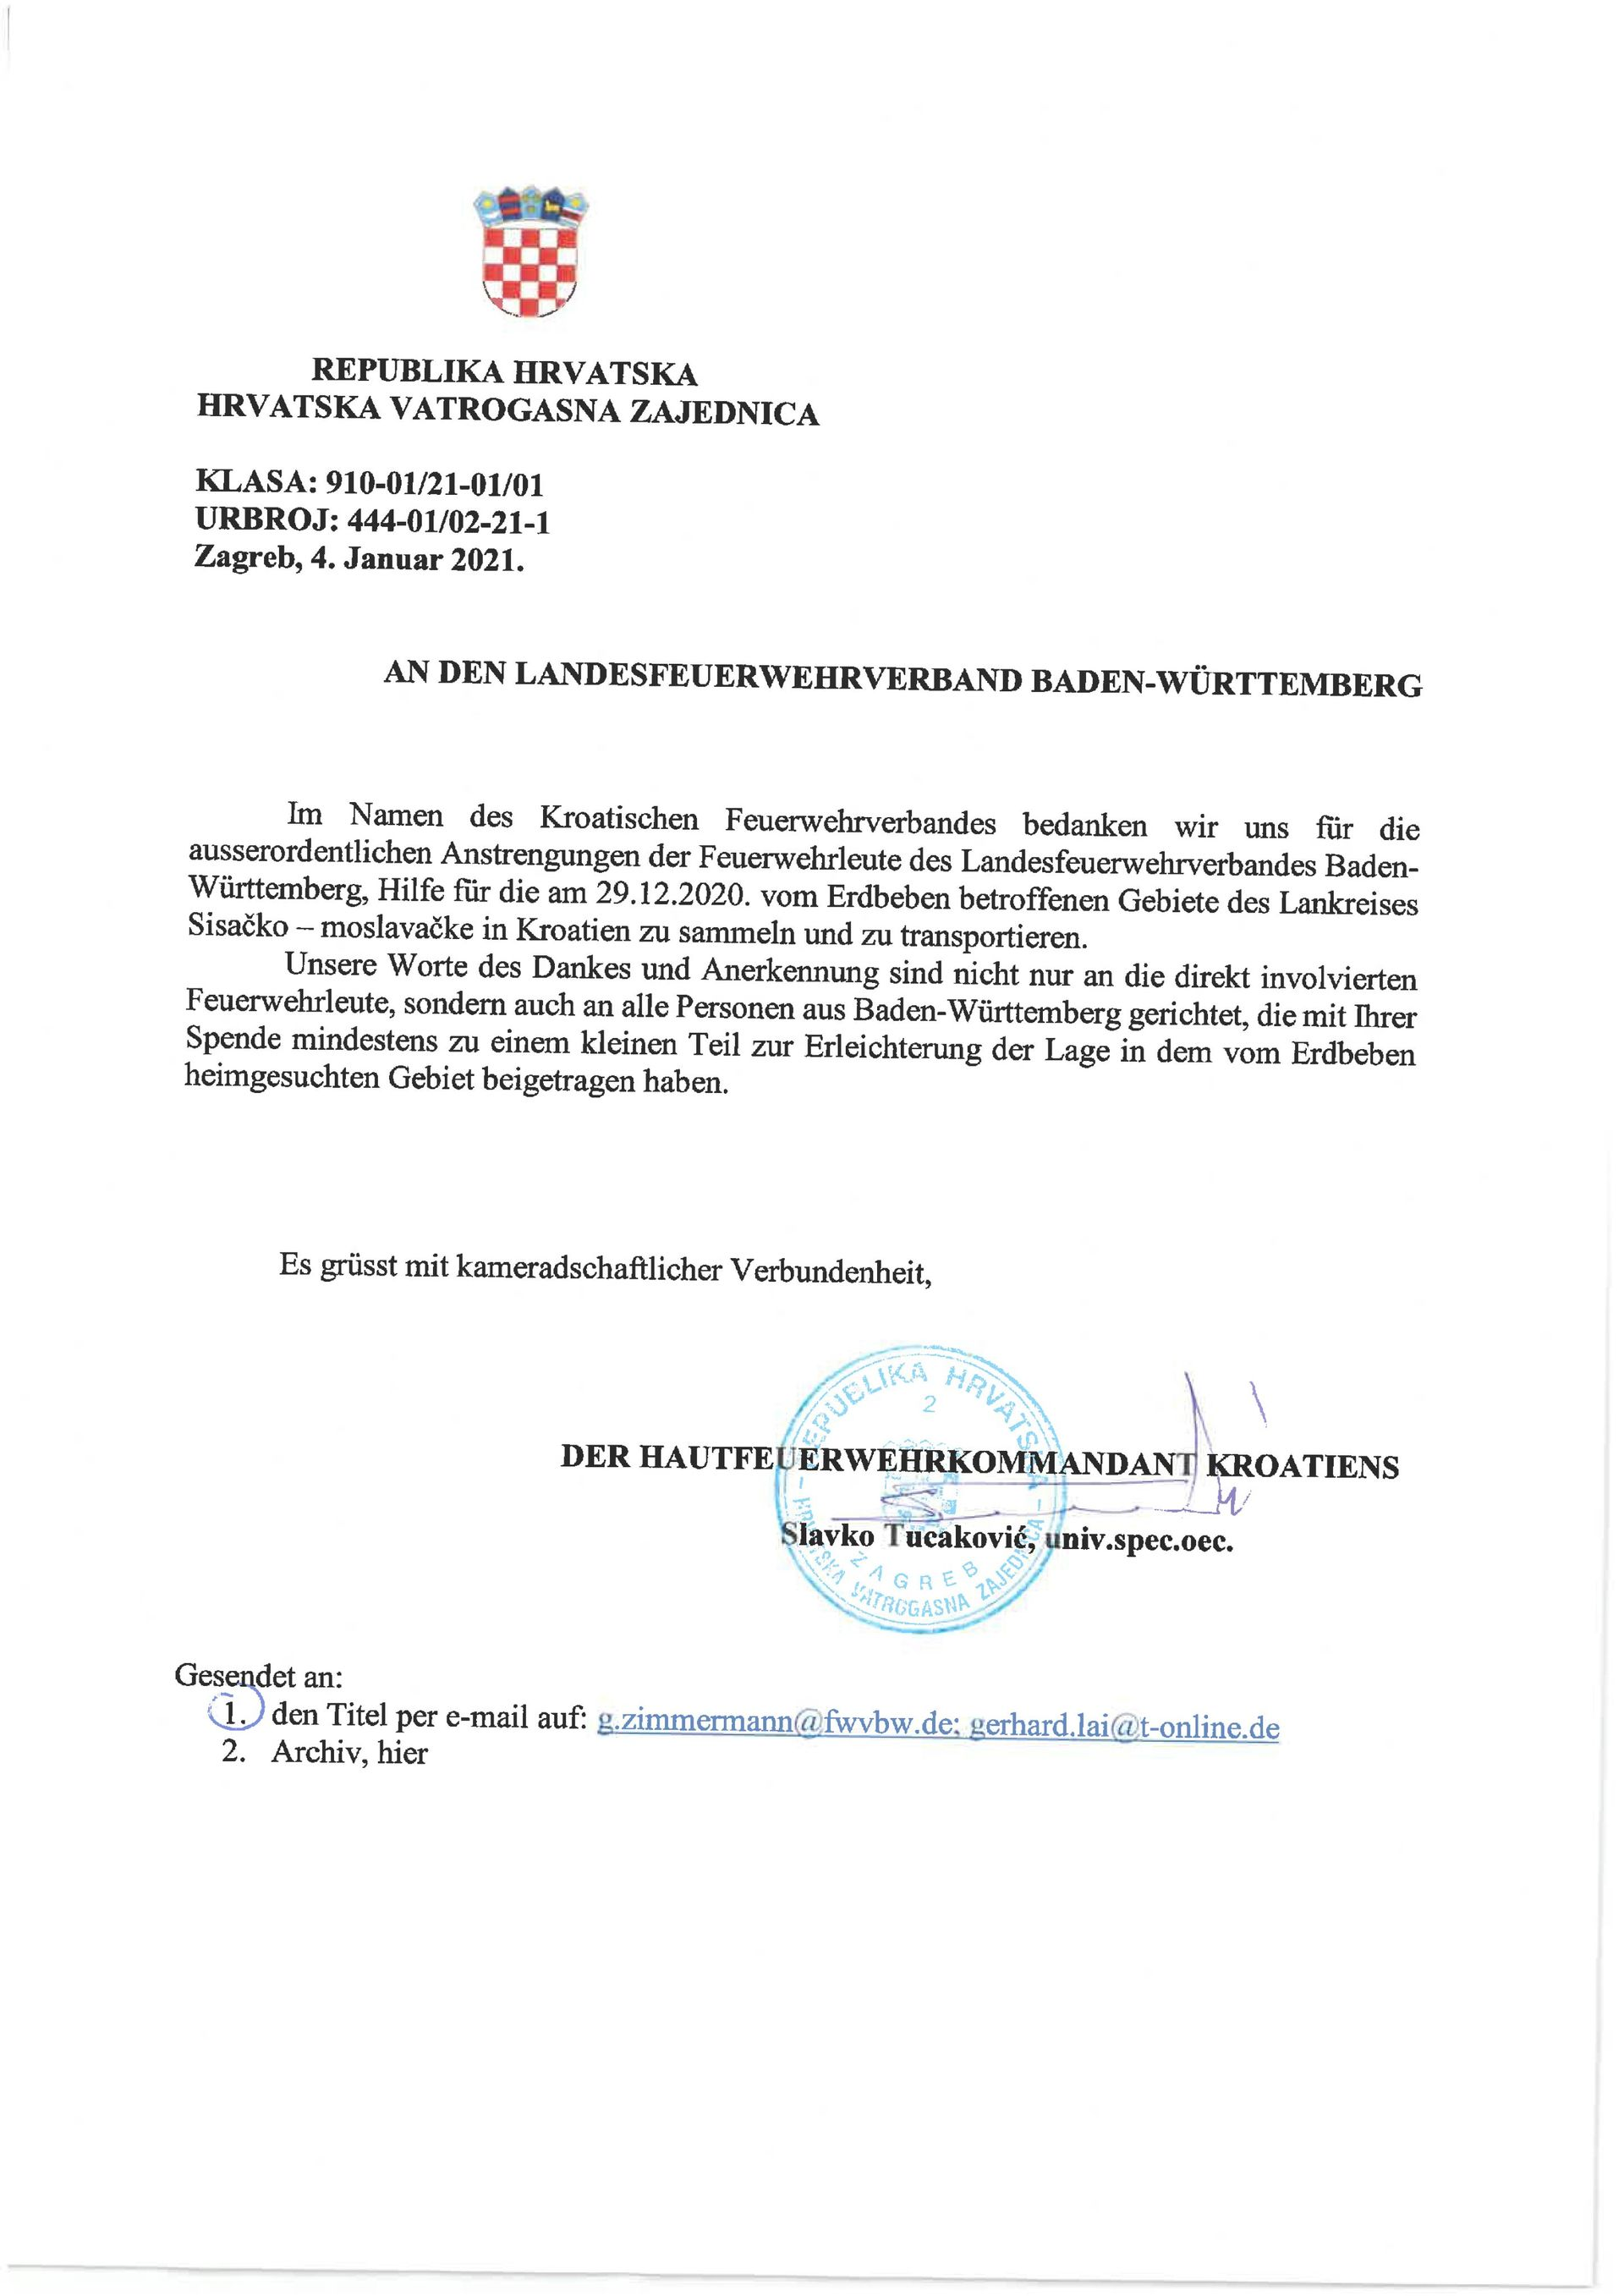 Kroatienhilfe des Landesfeuerwehrverbandes